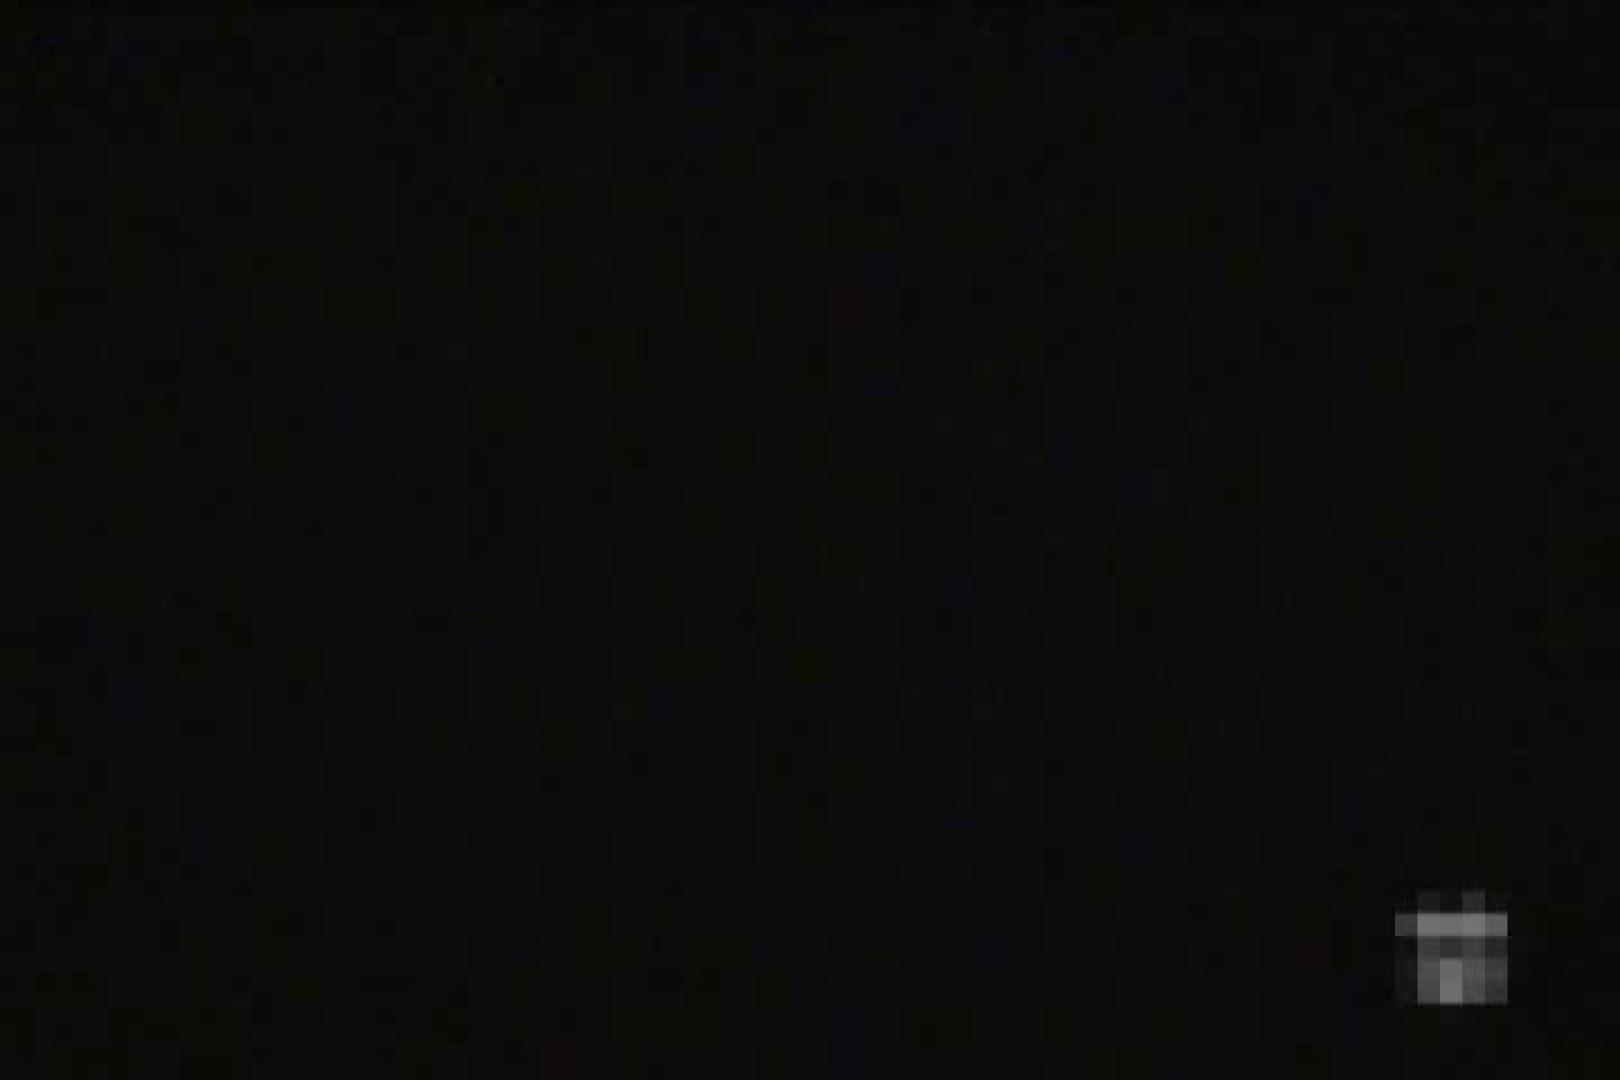 暗躍する夜這い師達Vol.7 OLセックス  56画像 56